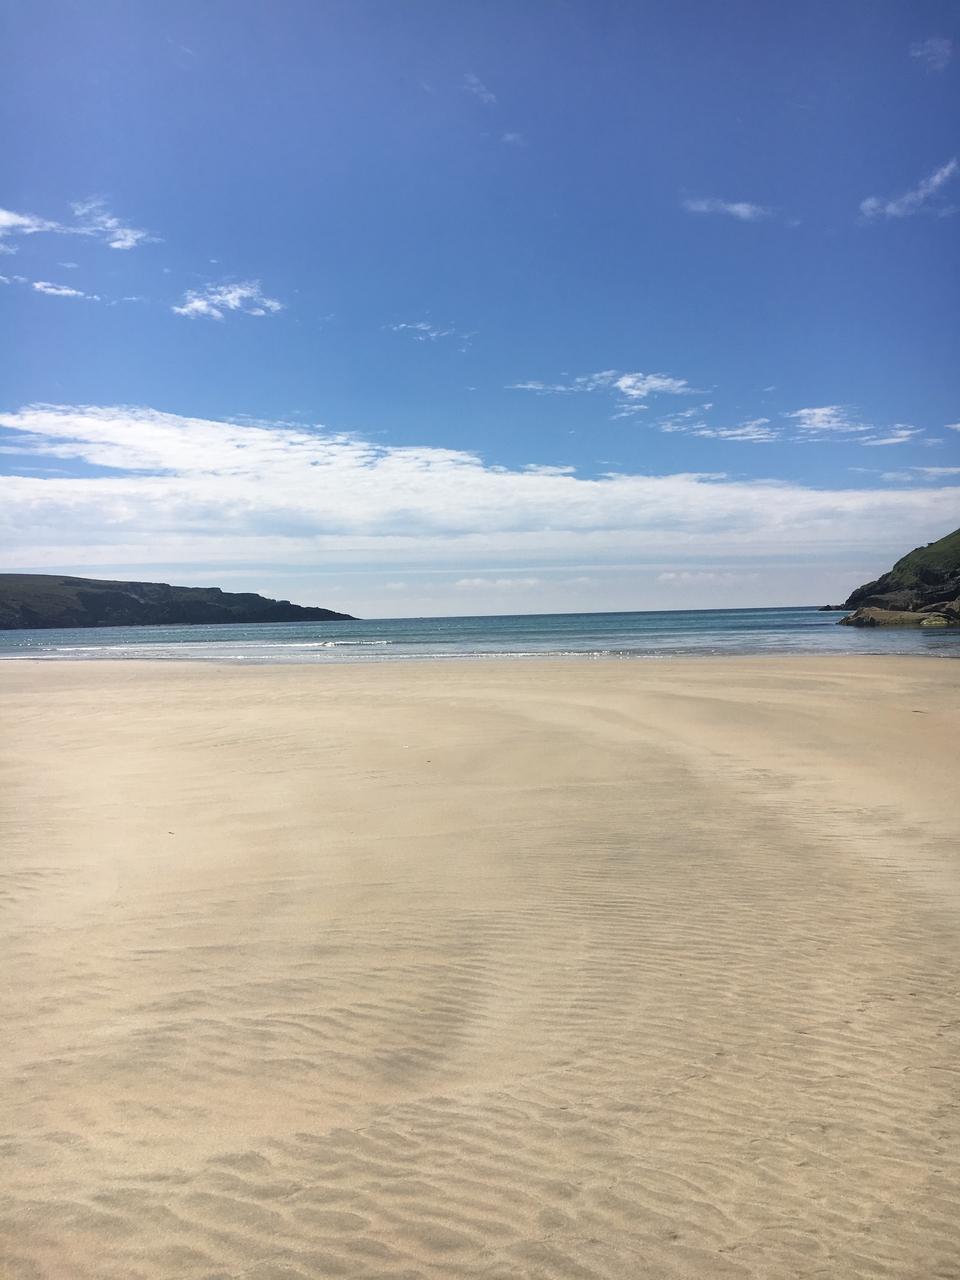 Barleycove beach or the Caribbean?